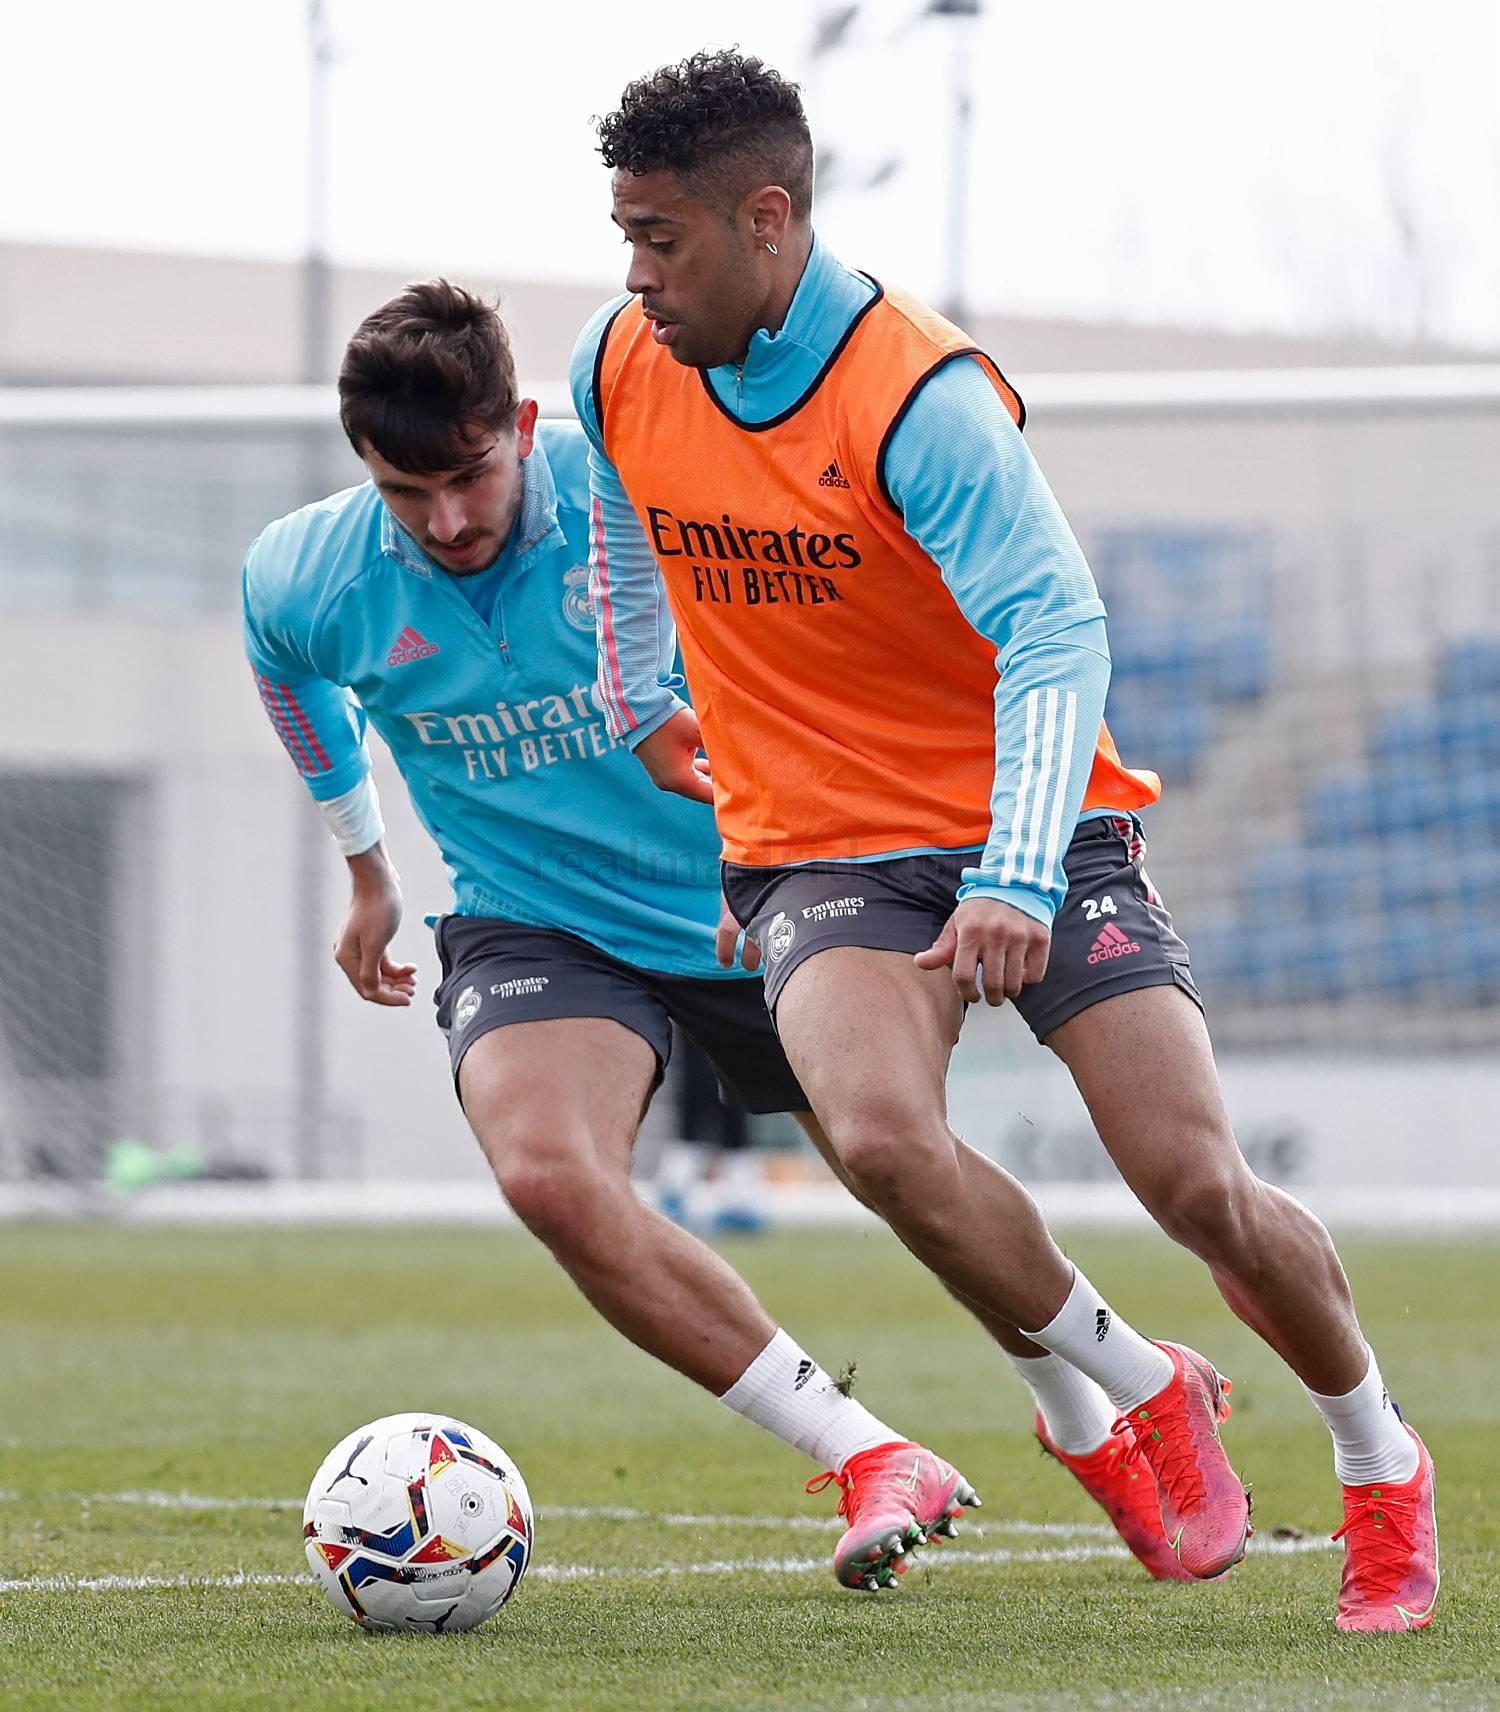 Entrenamiento del Real Madrid  - 14-04-2021